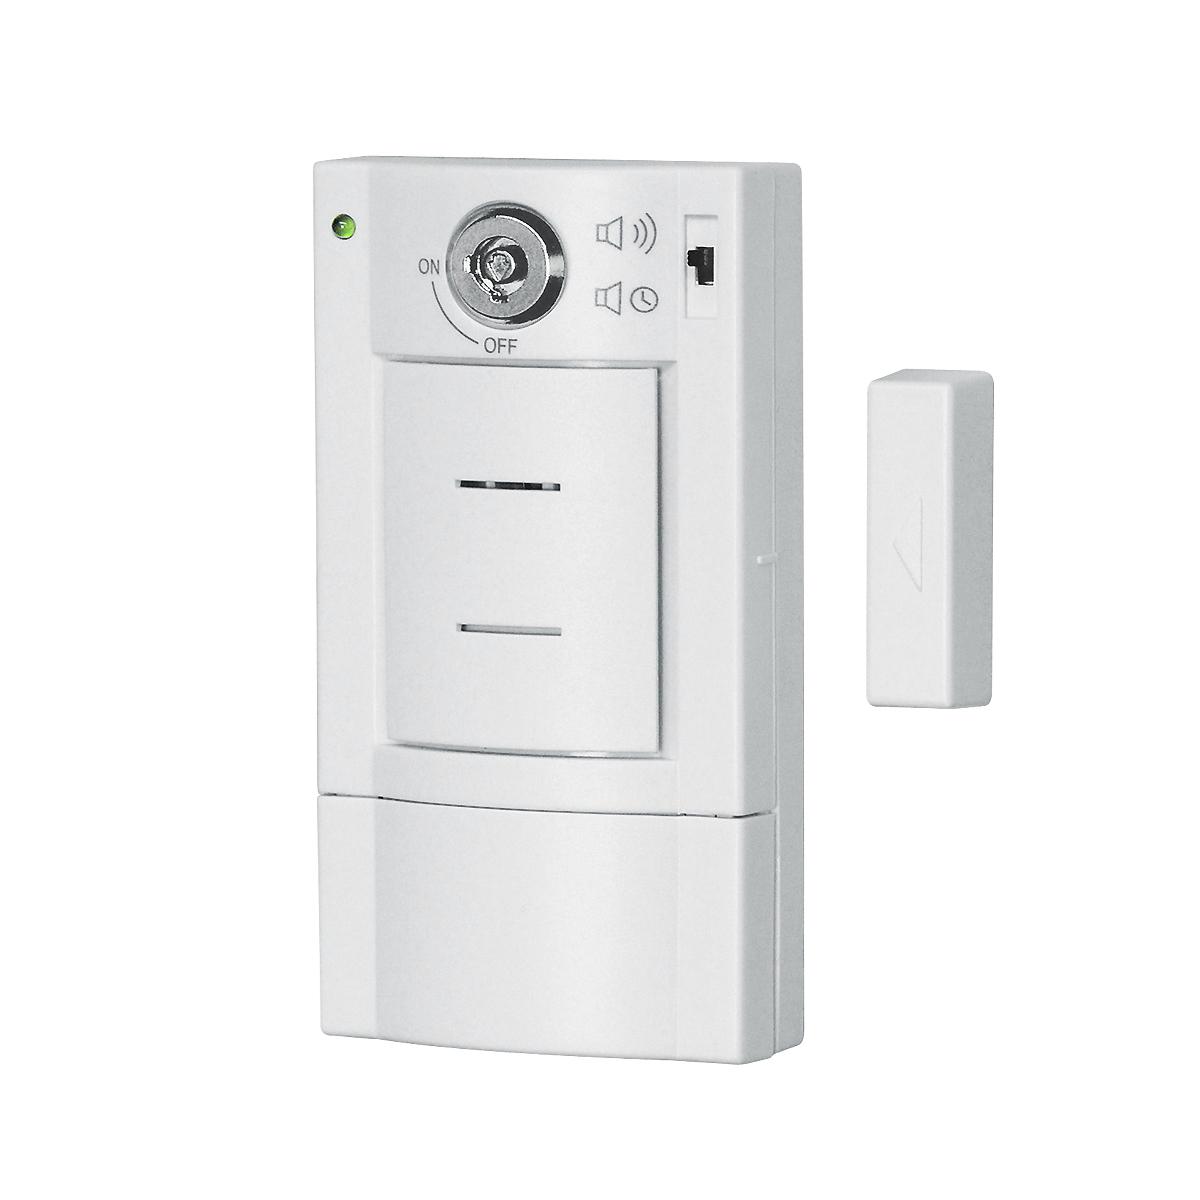 Door alarm with key switch